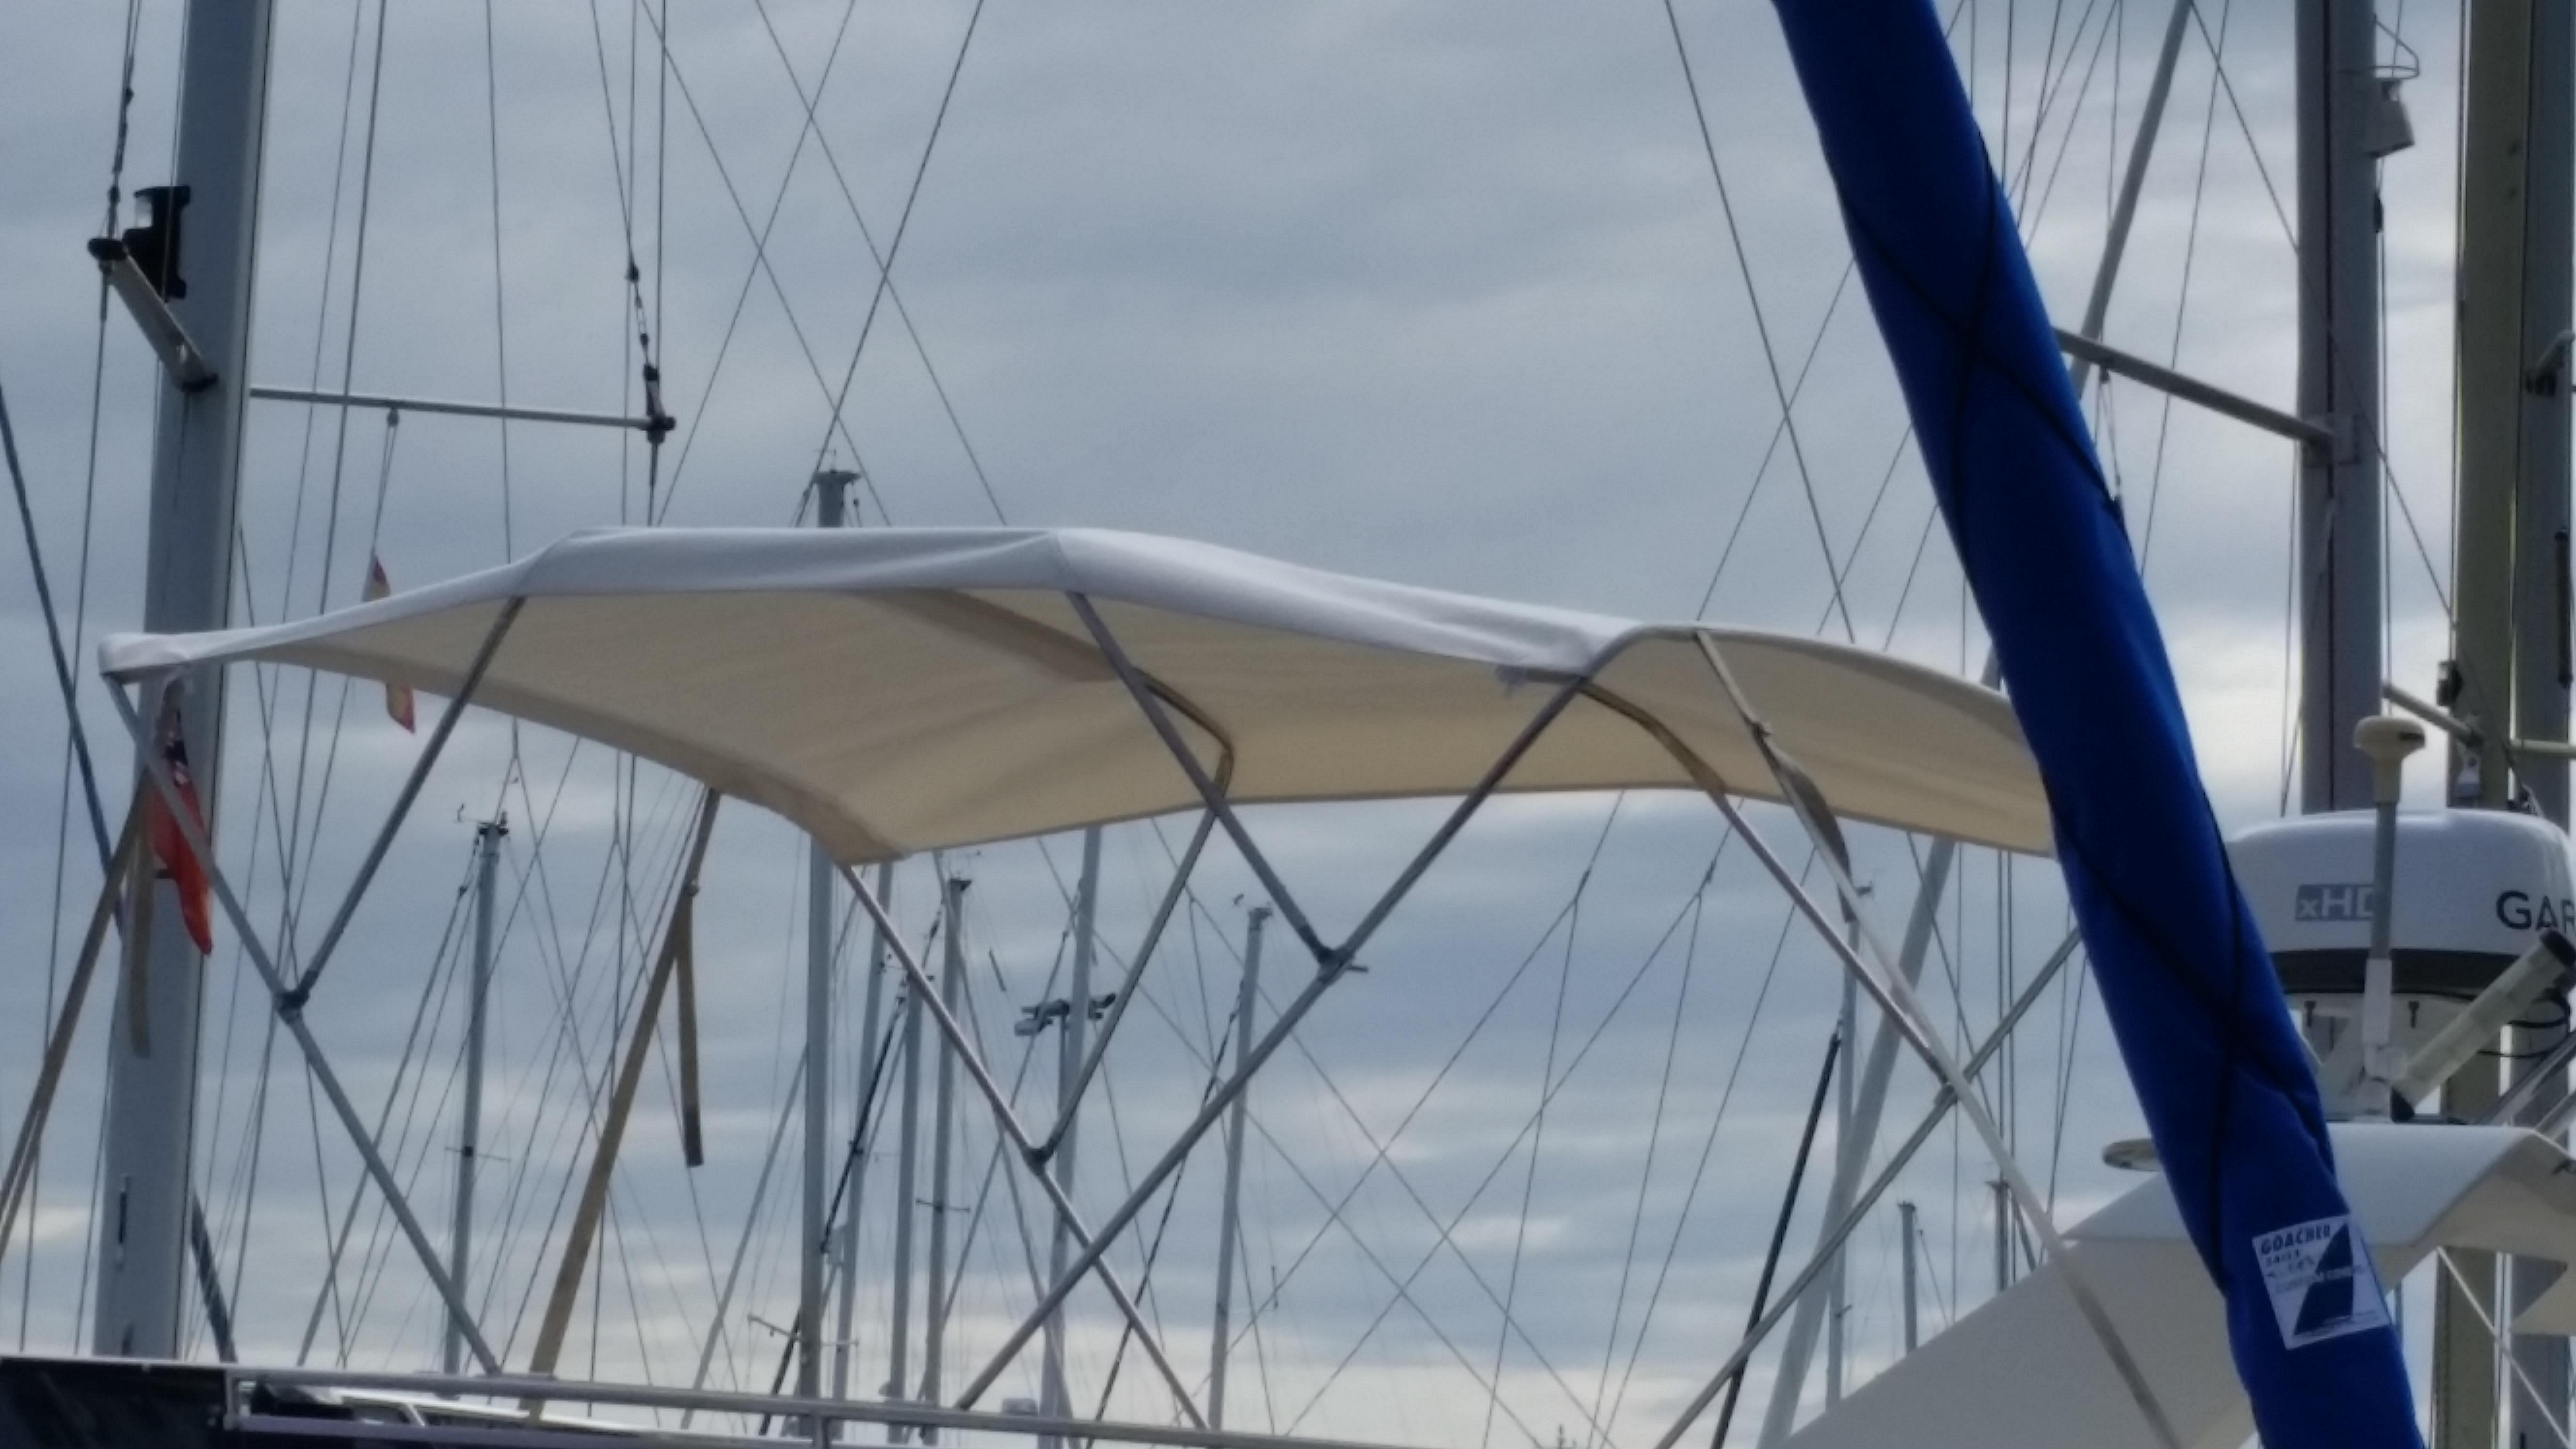 Lona embarcaciones tapizado